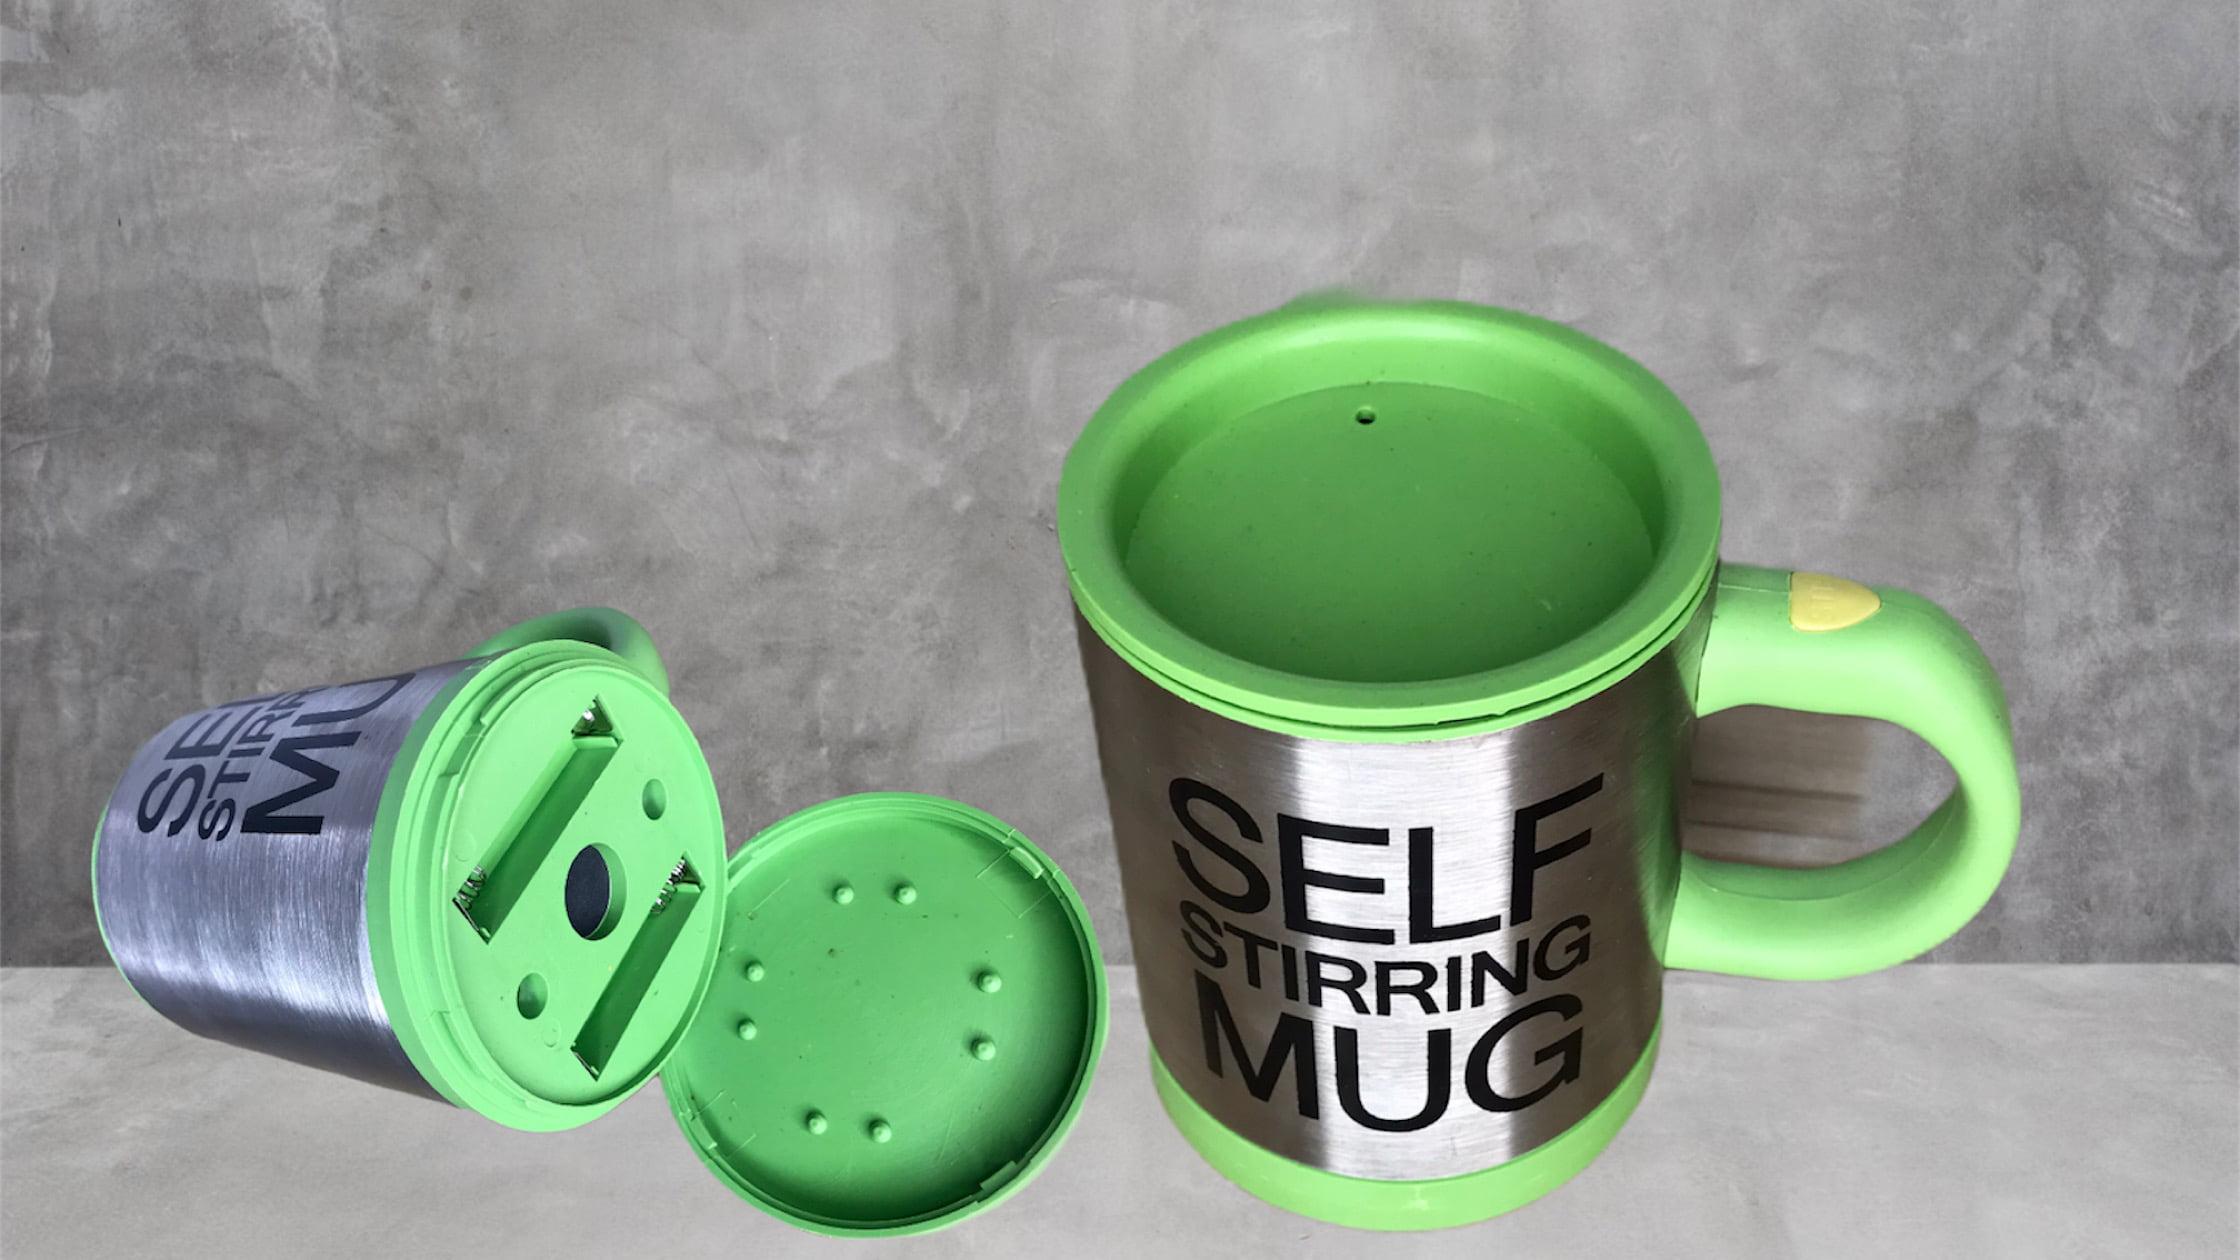 Stirring mug